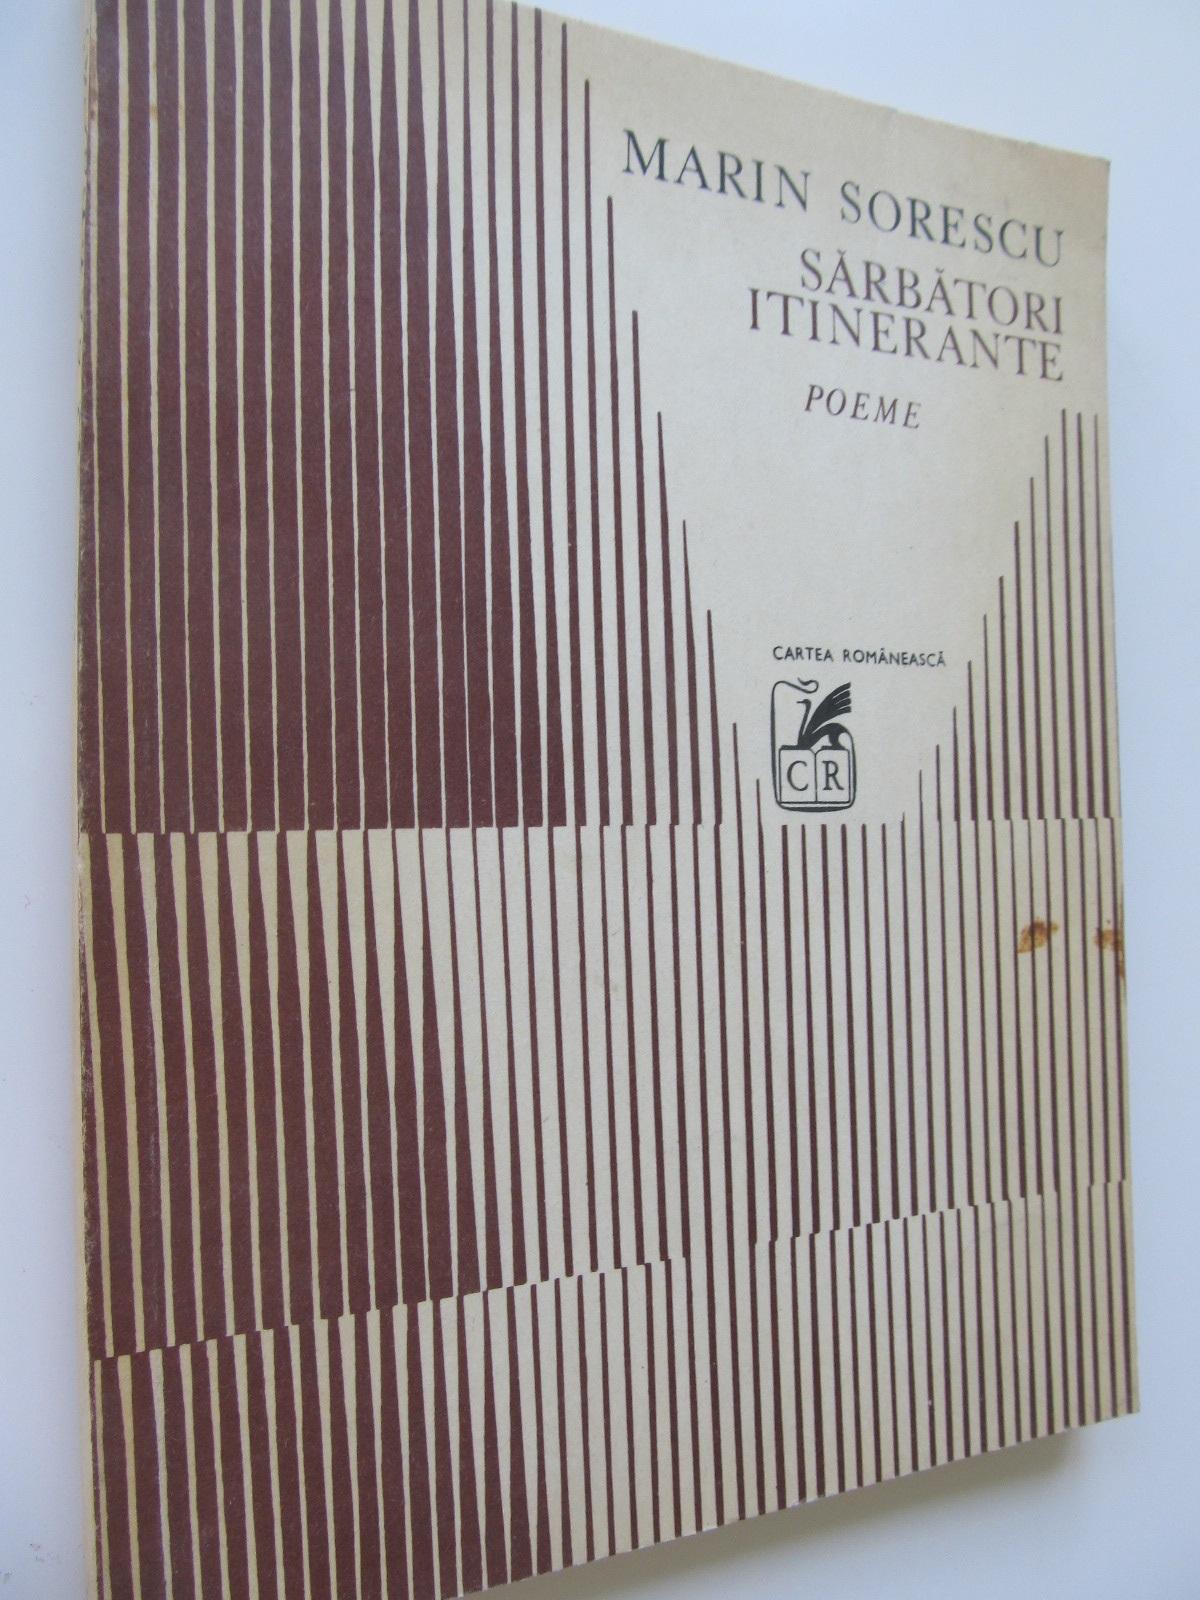 Sarbatori itinerante - Marin Sorescu | Detalii carte